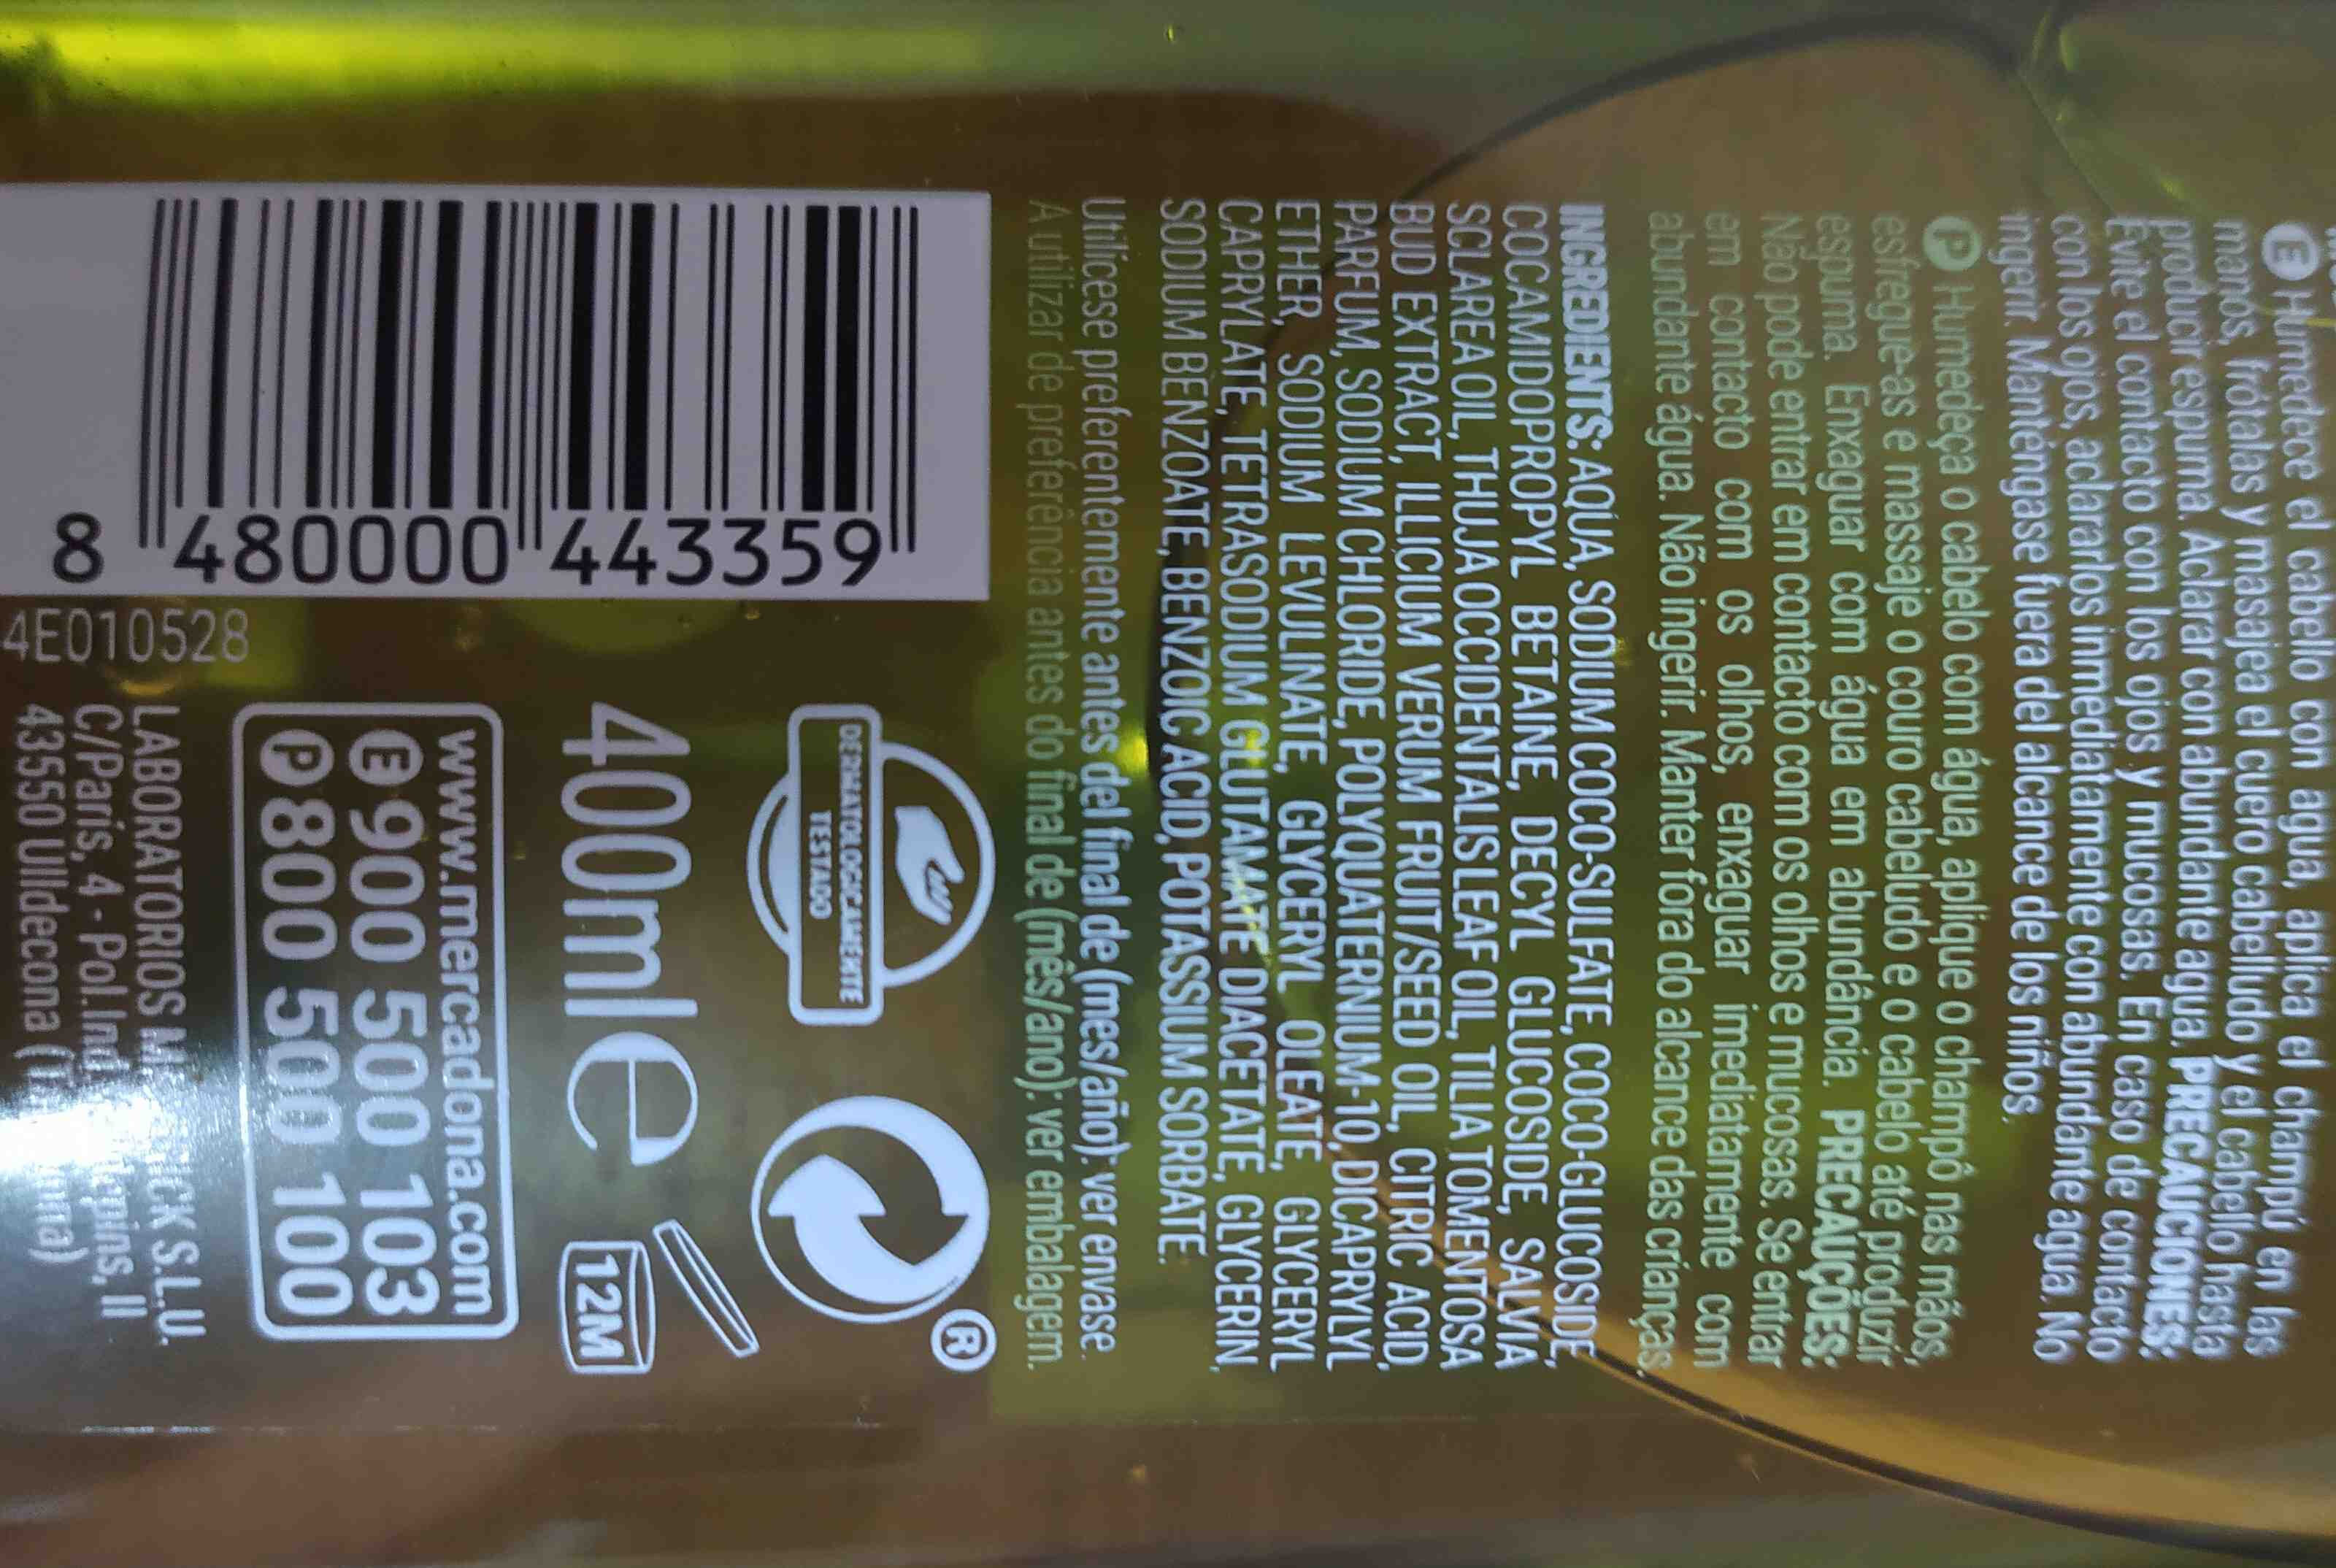 champu natural Mercadona - Ingredientes - en